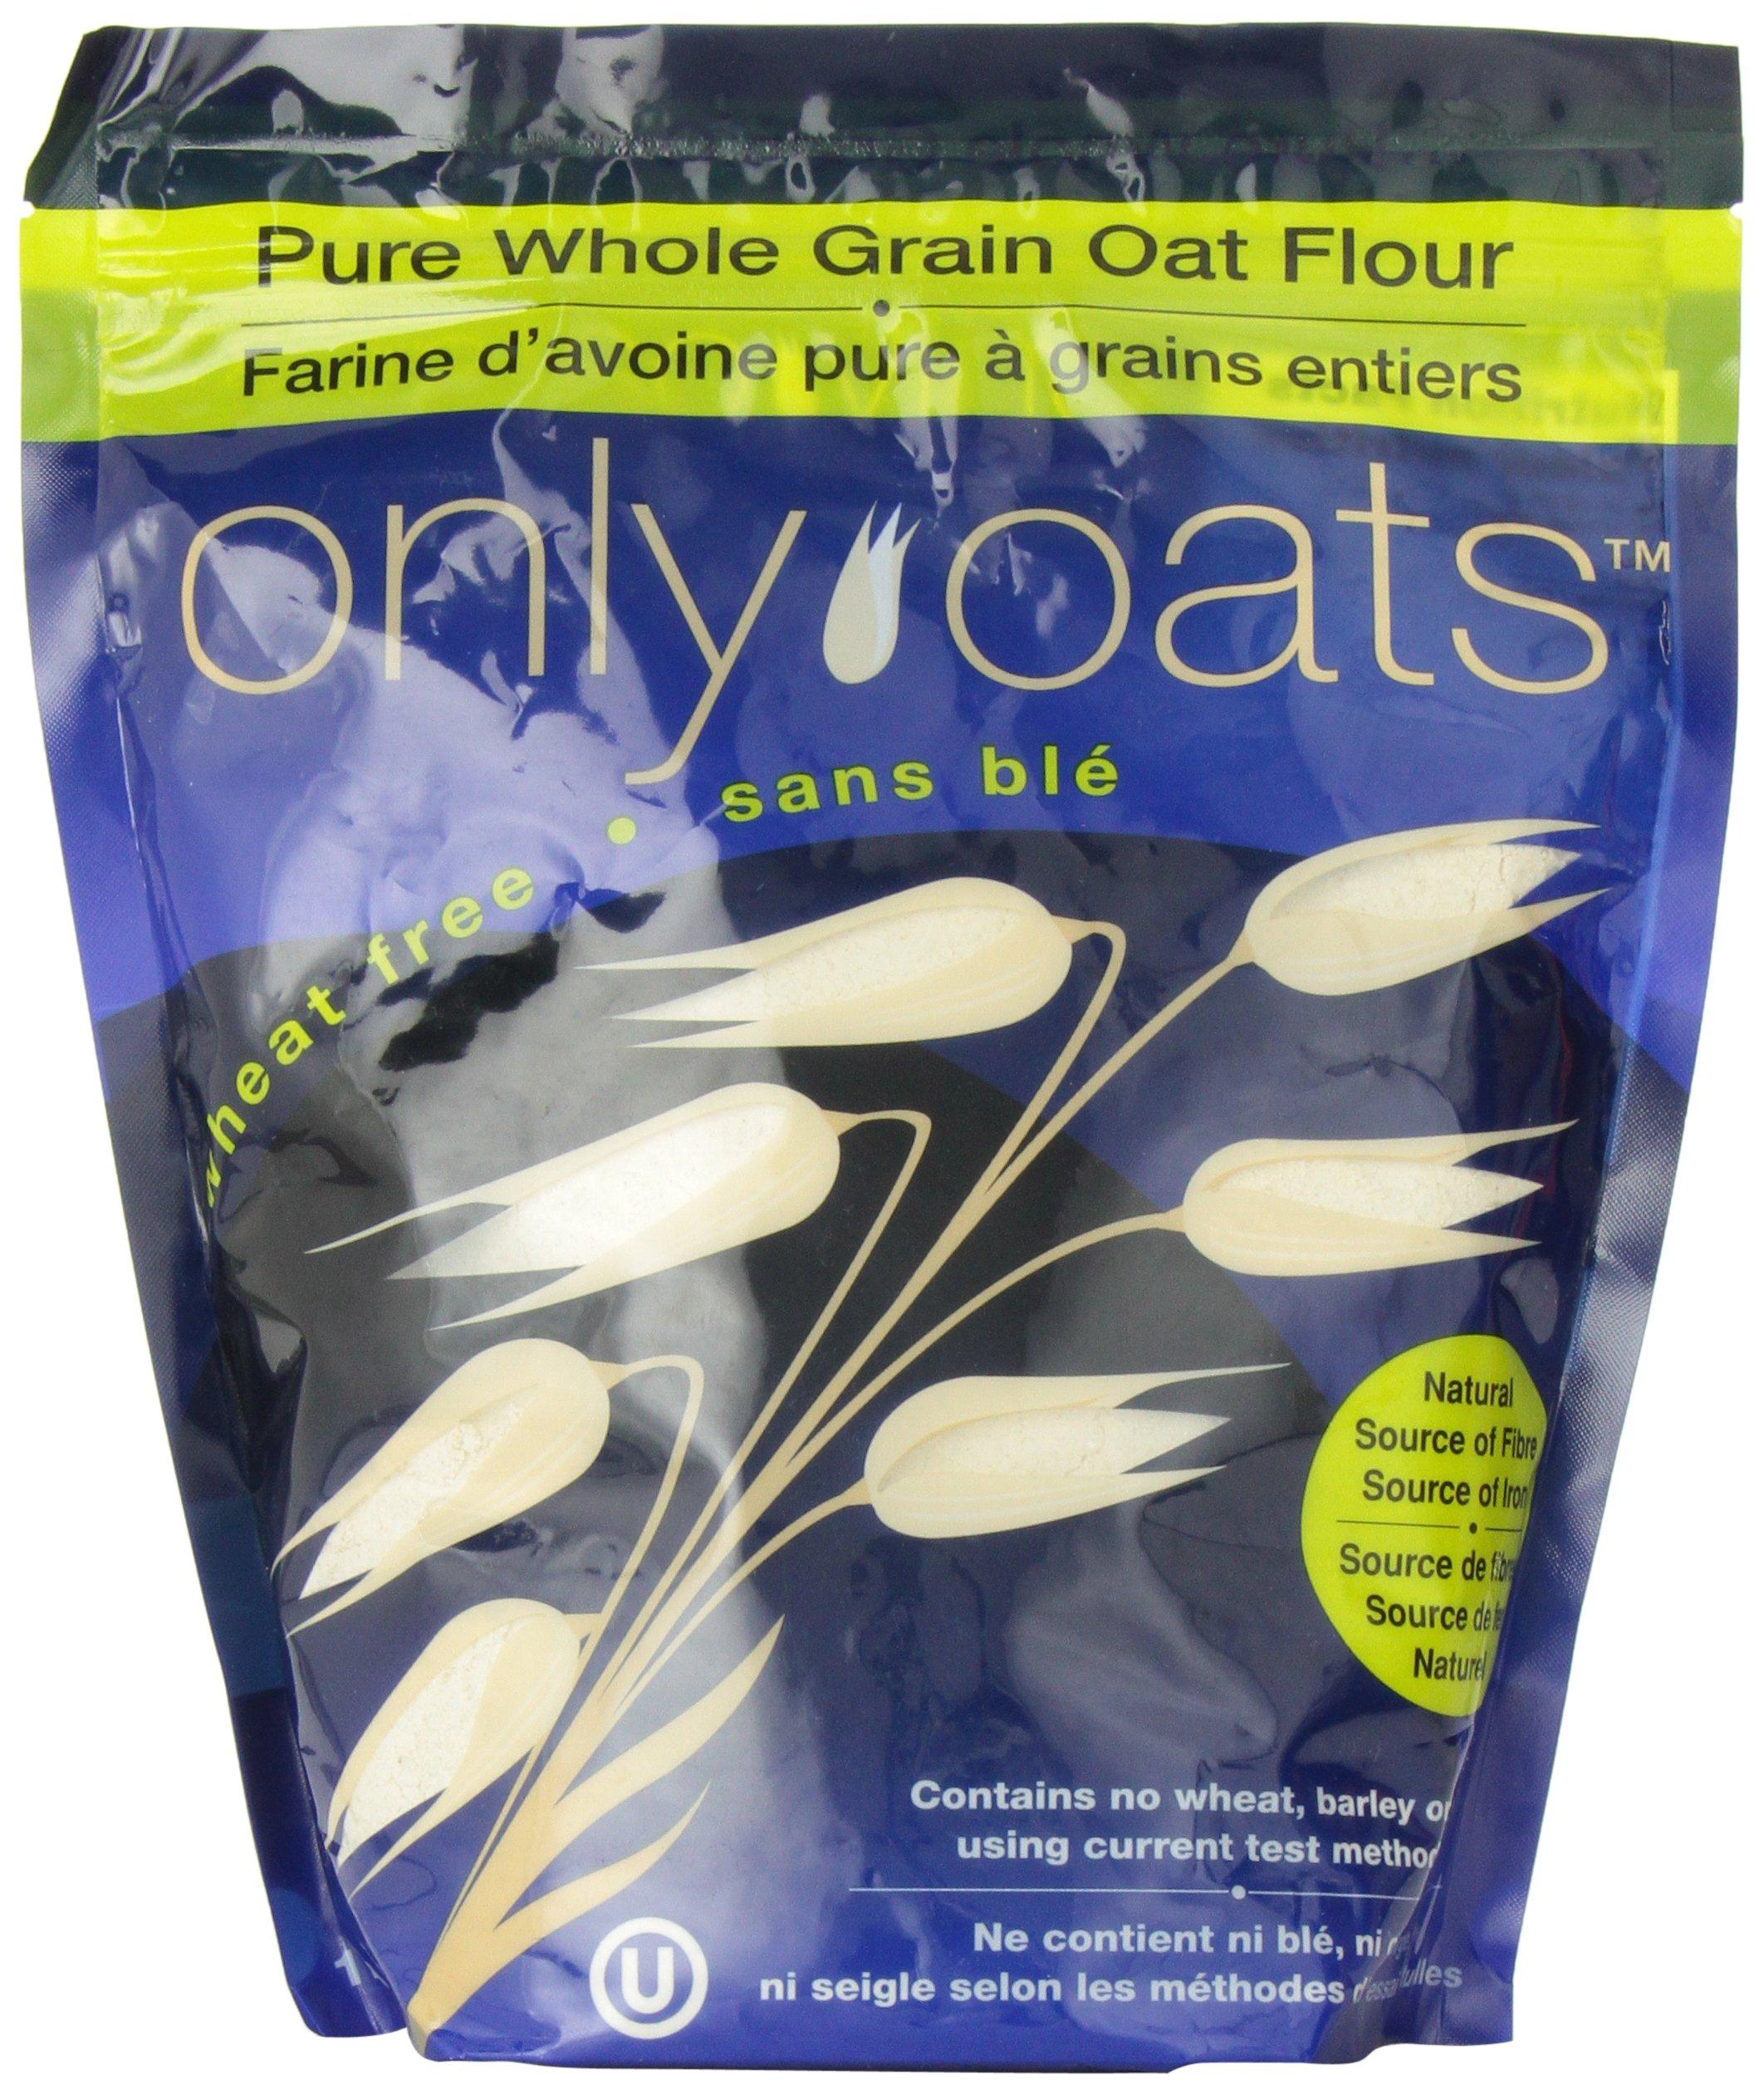 ONLY OATS Pure Whole Grain Oat Flour, 1 Kilogram